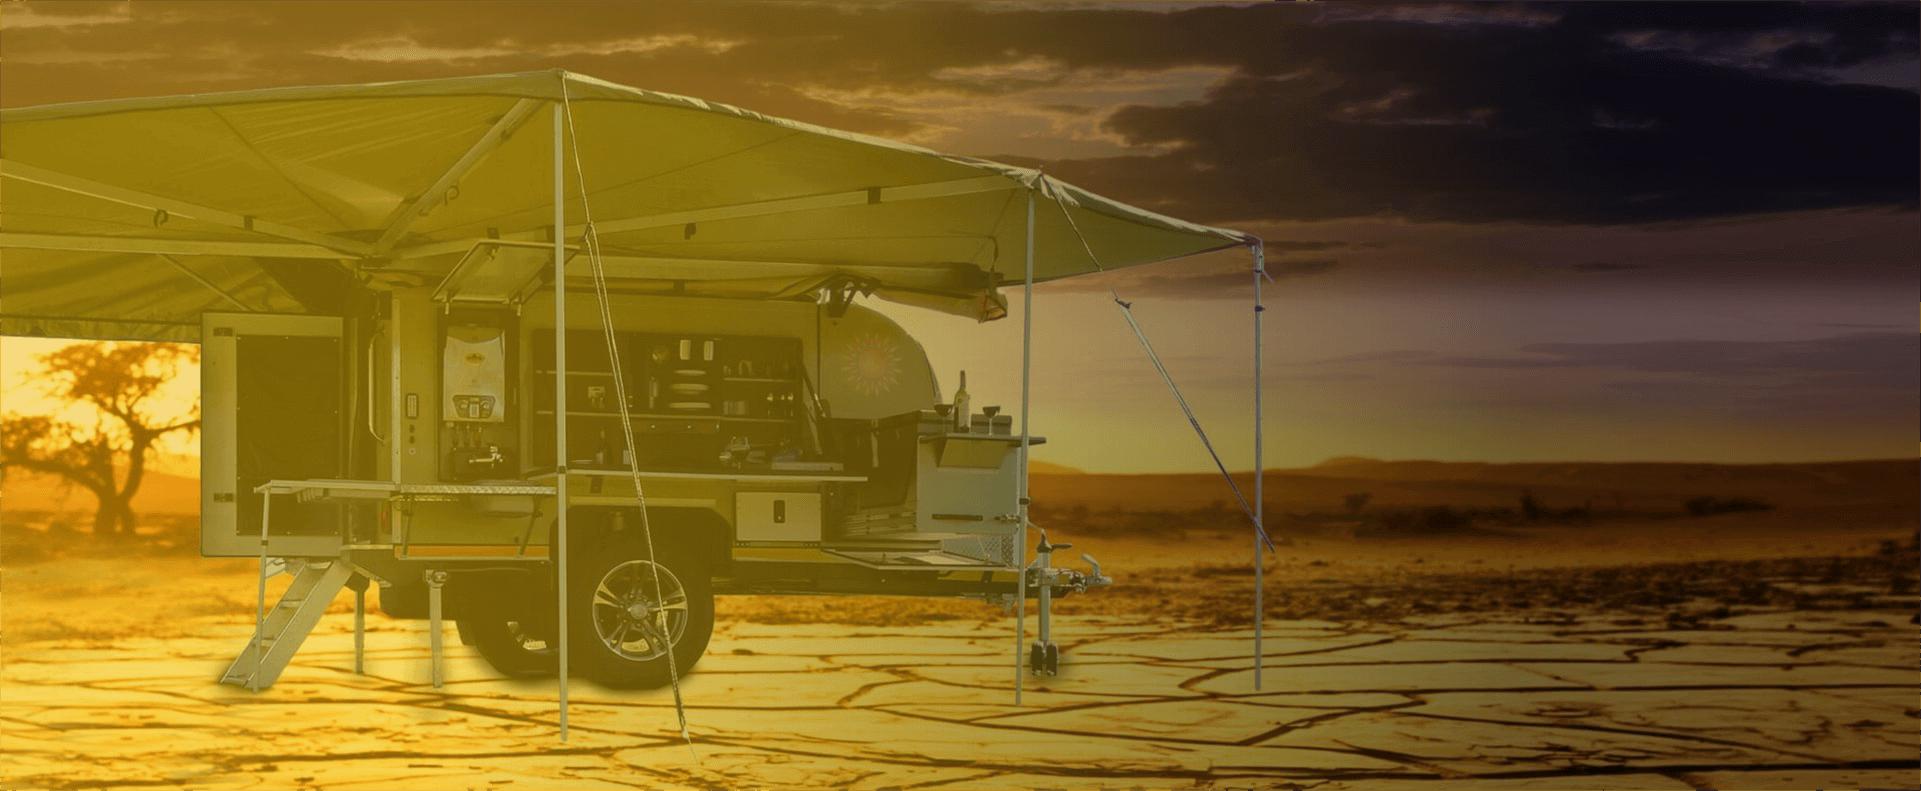 bushwakka-sundowner-4x4-off-road-caravan-gradient-compressed